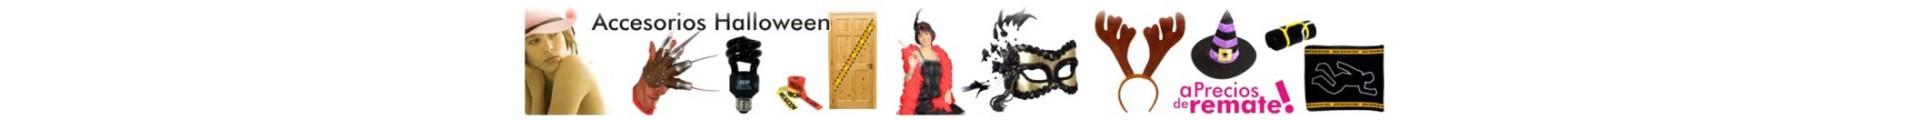 Accesorios para disfraces y fiestas especiales o teatro